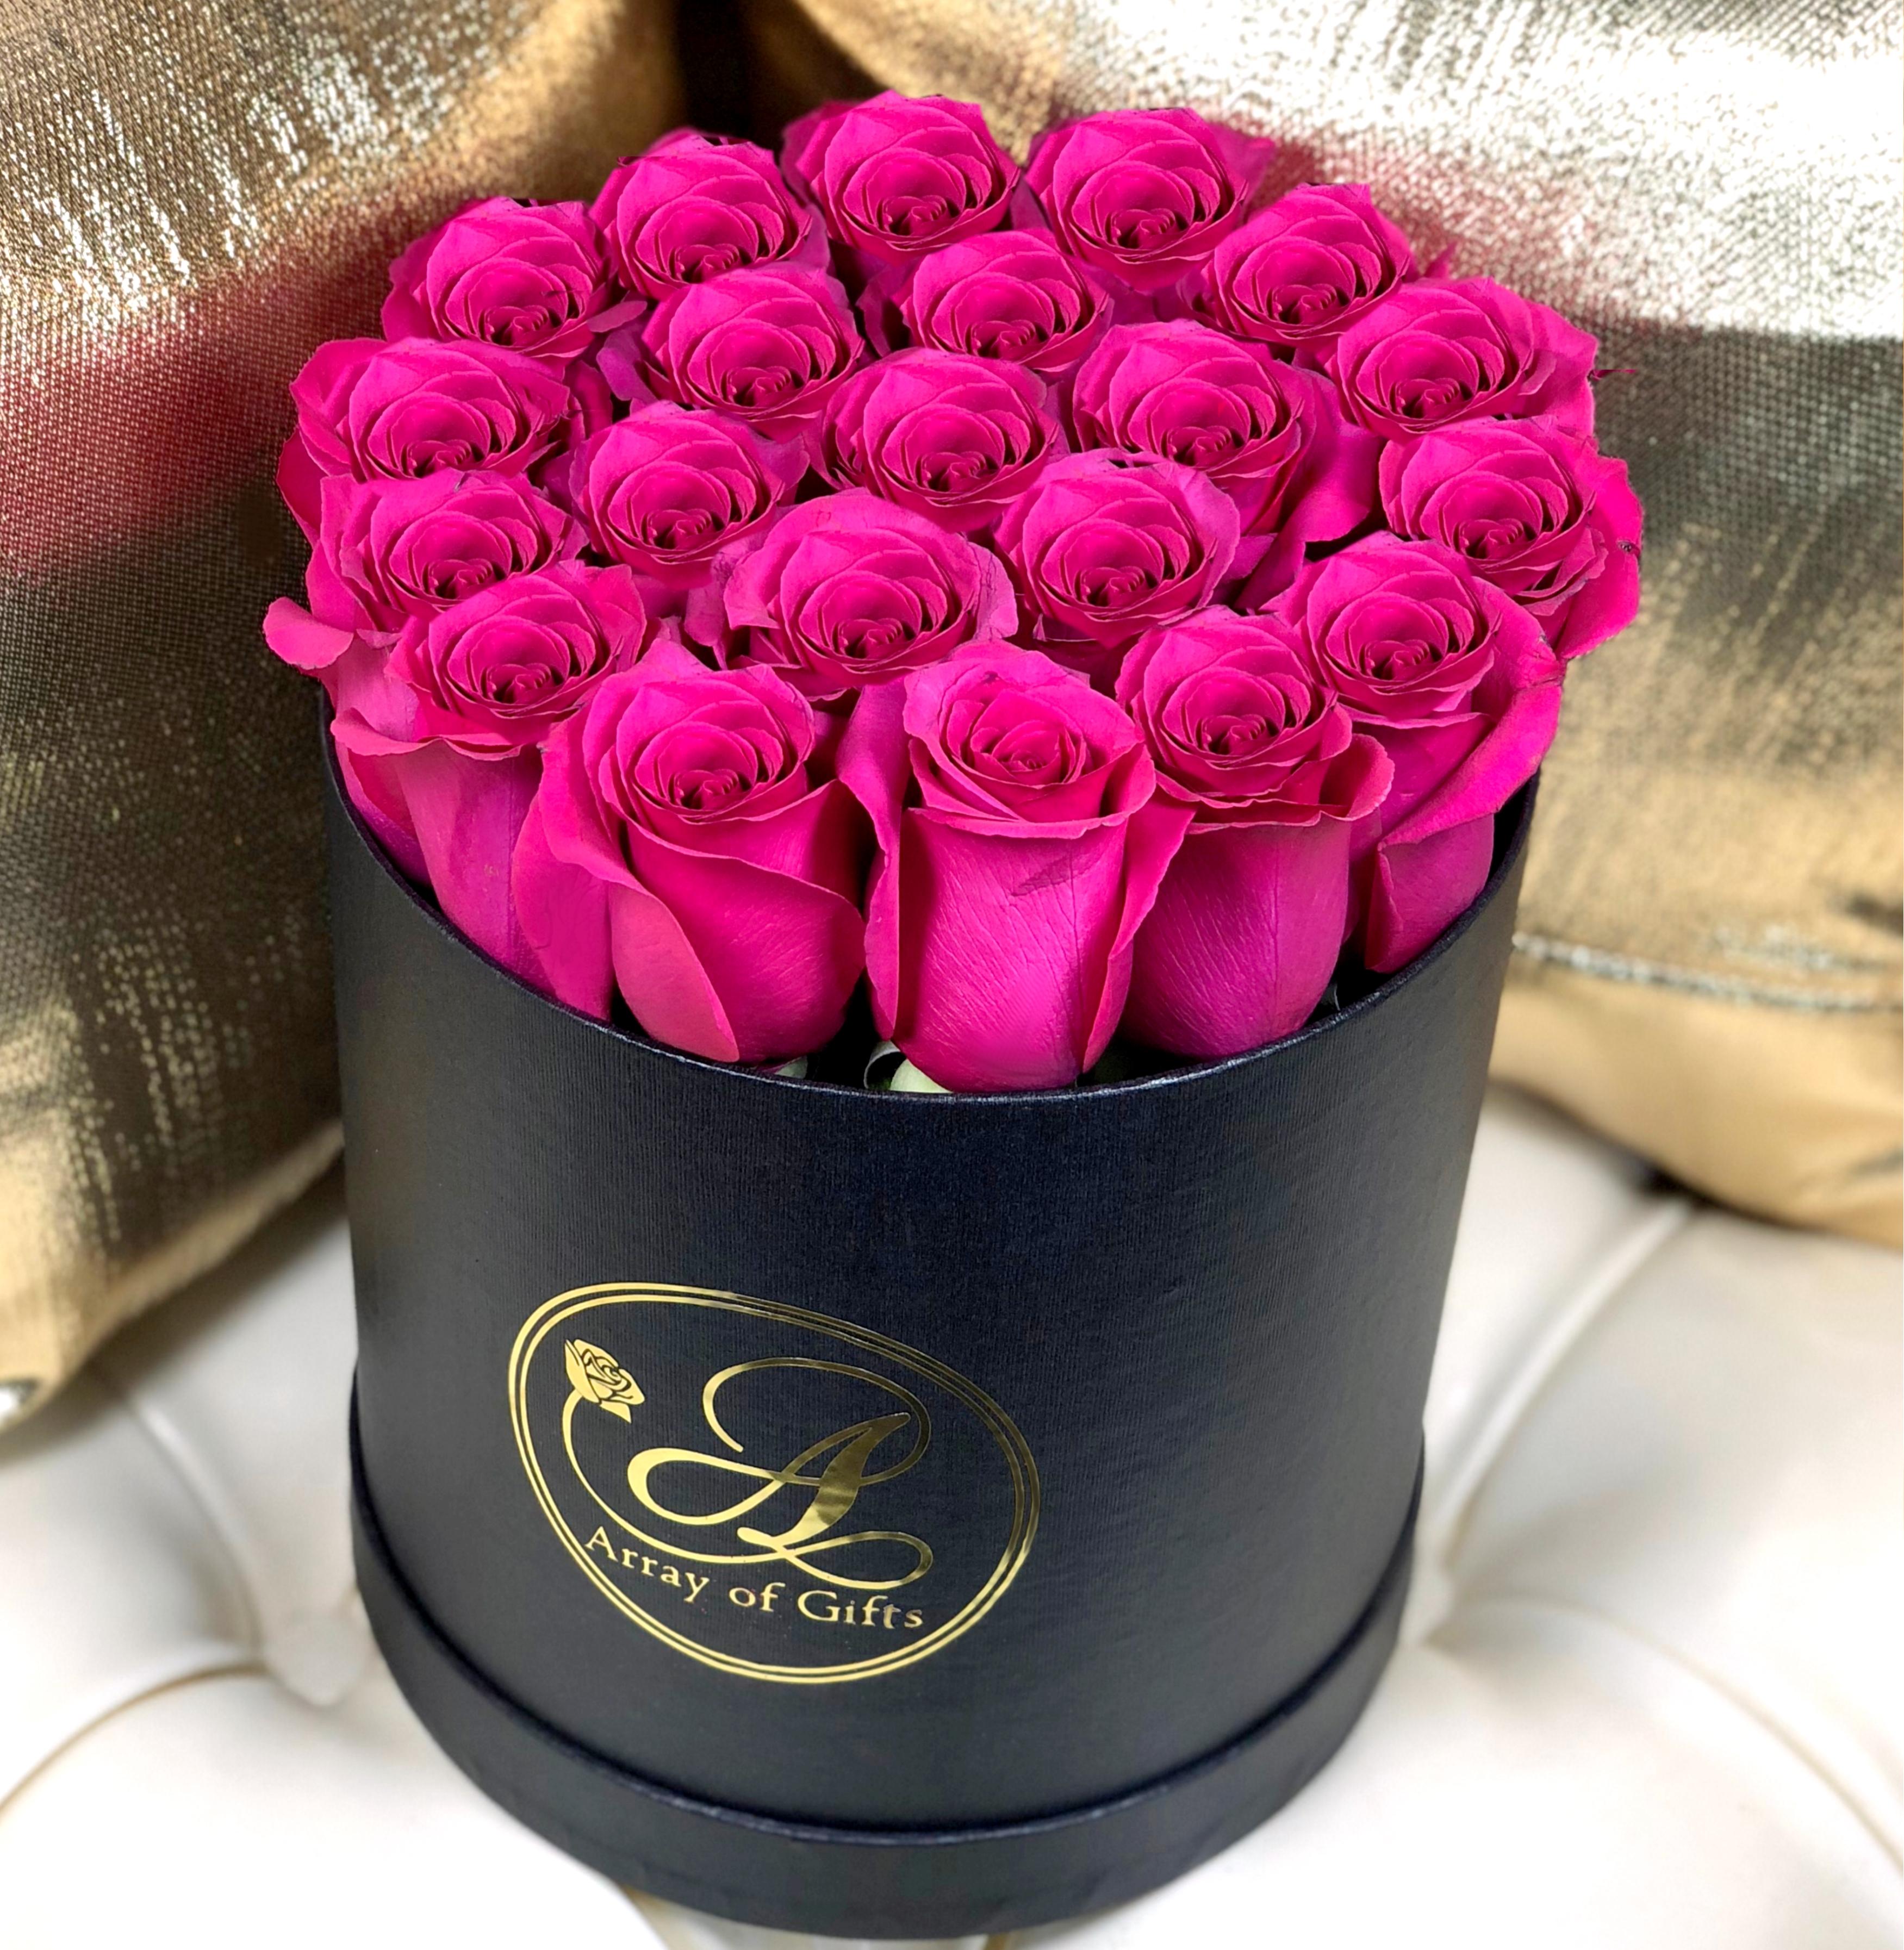 Hot Pink Roses Flower Box Houston